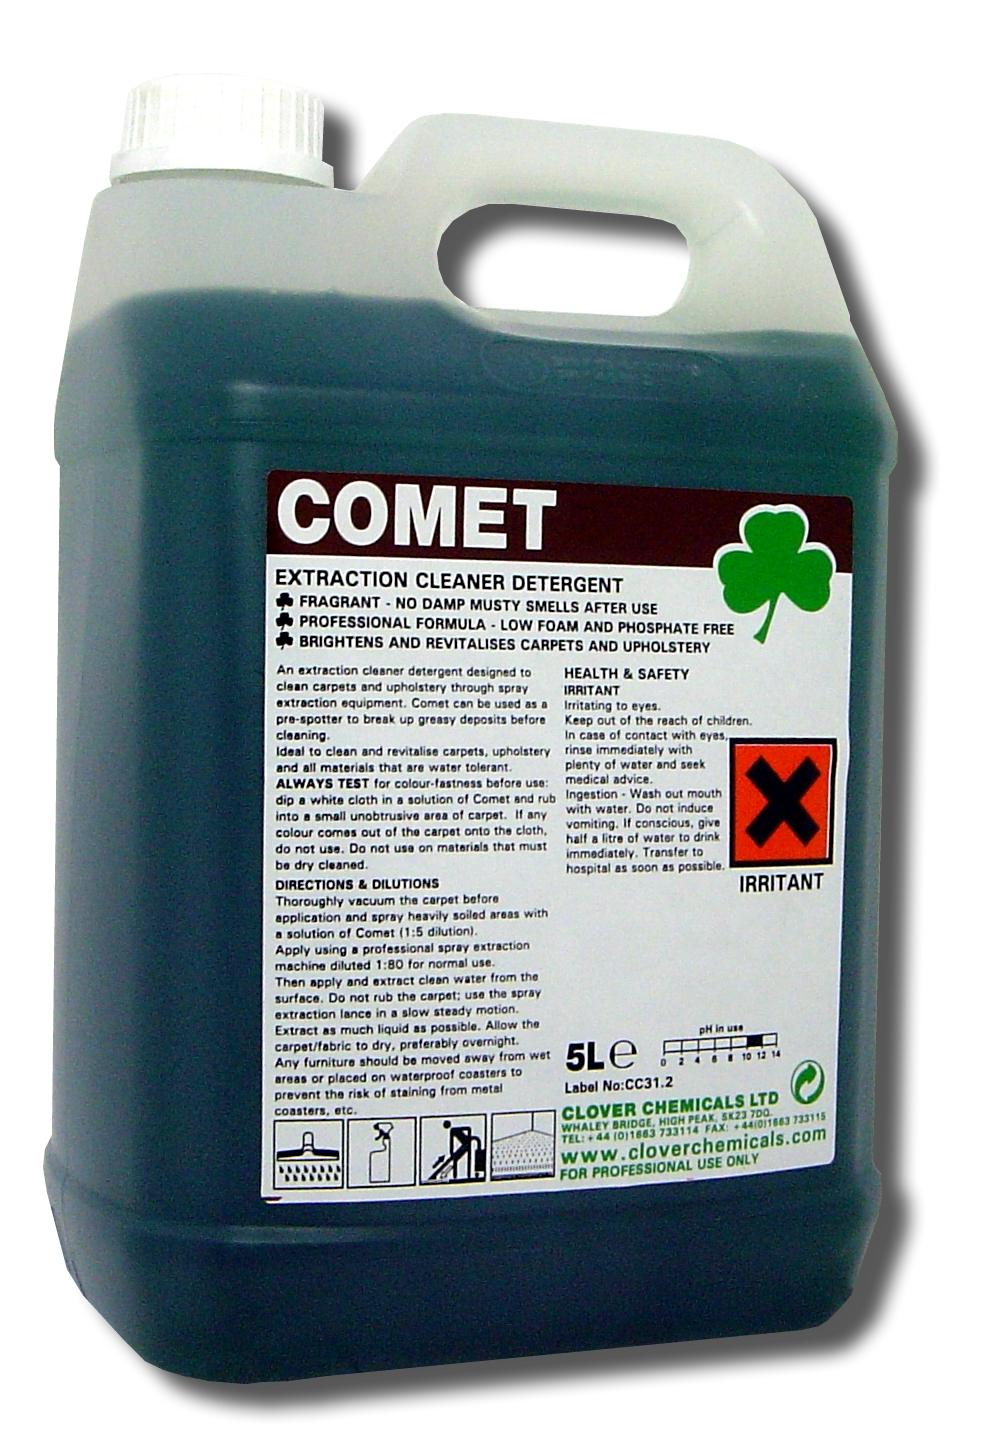 Tapijtreiniging reinigingsmiddelen vloeibaar schoonmaakartikelen groothandel van der kolk - Tapijt voor toiletpapier ...